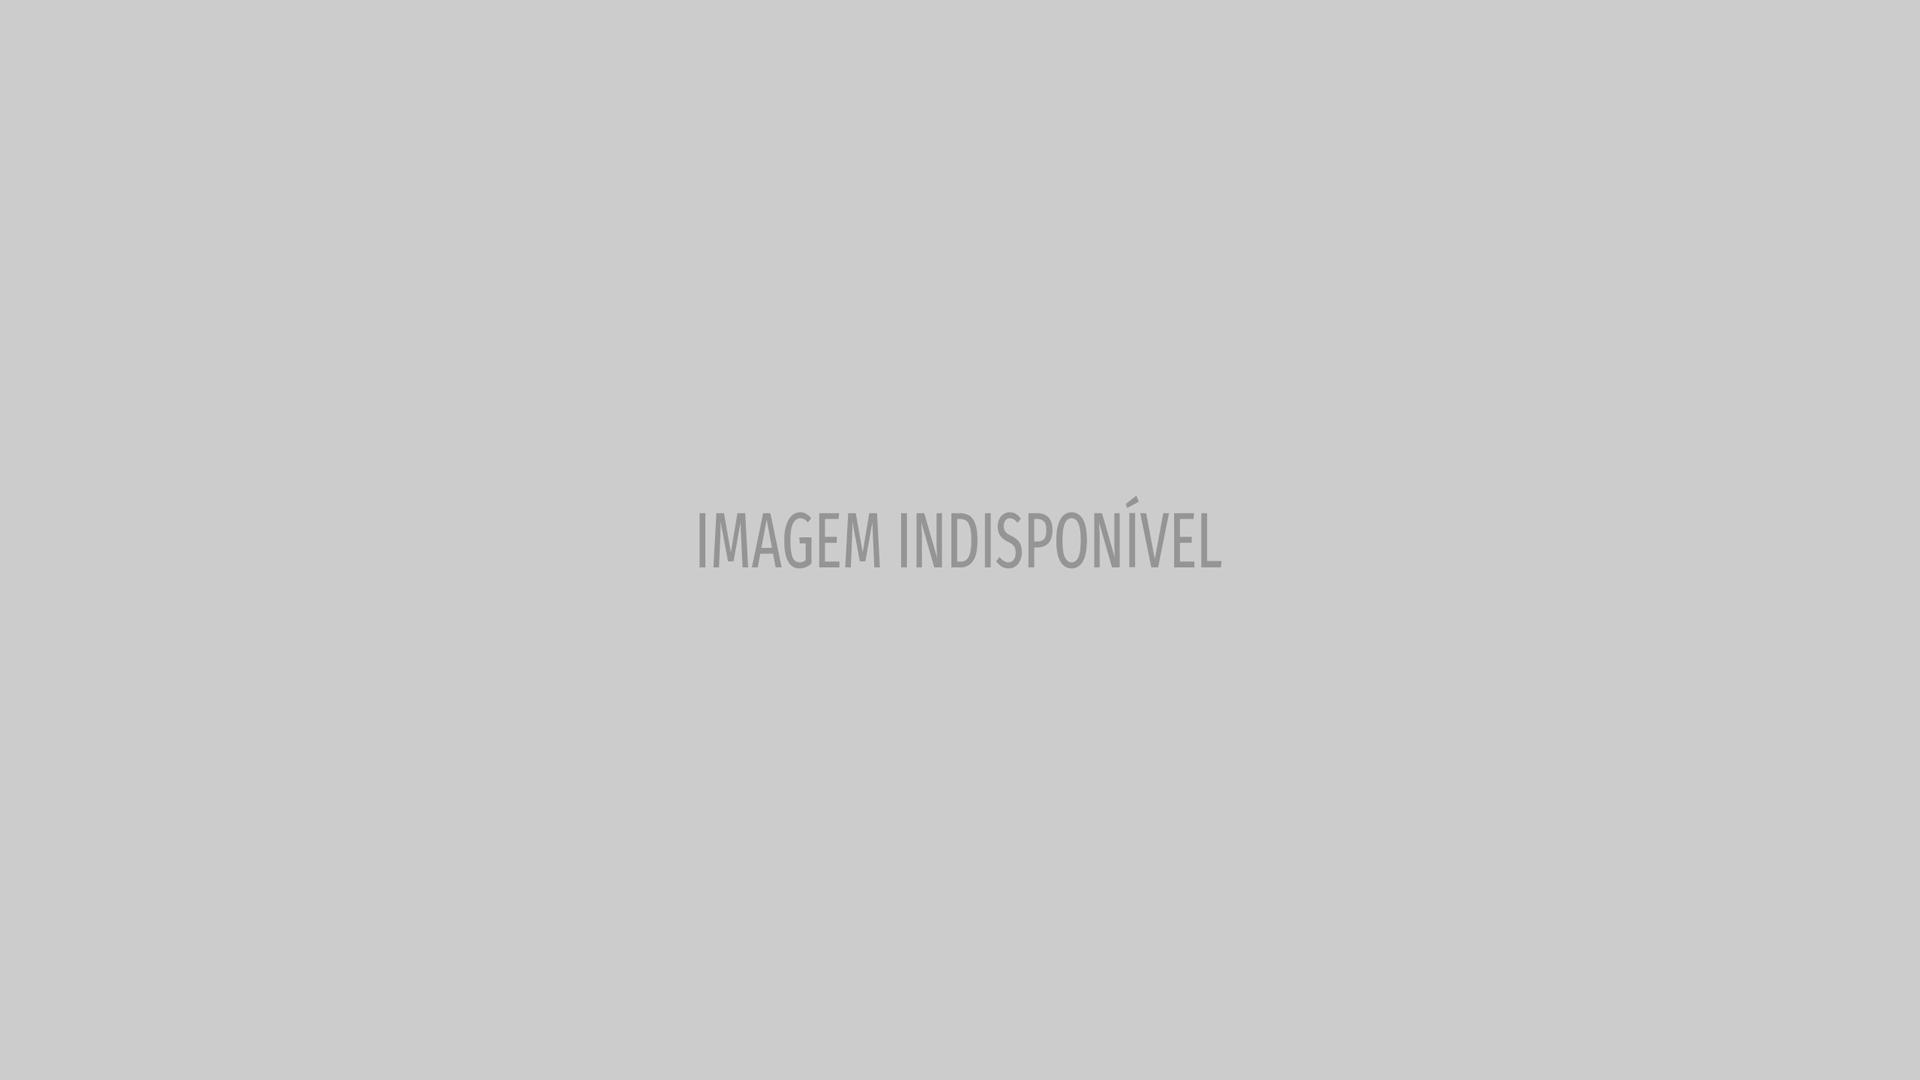 Rebeca revoltada com notícias sobre a sua luta contra o cancro